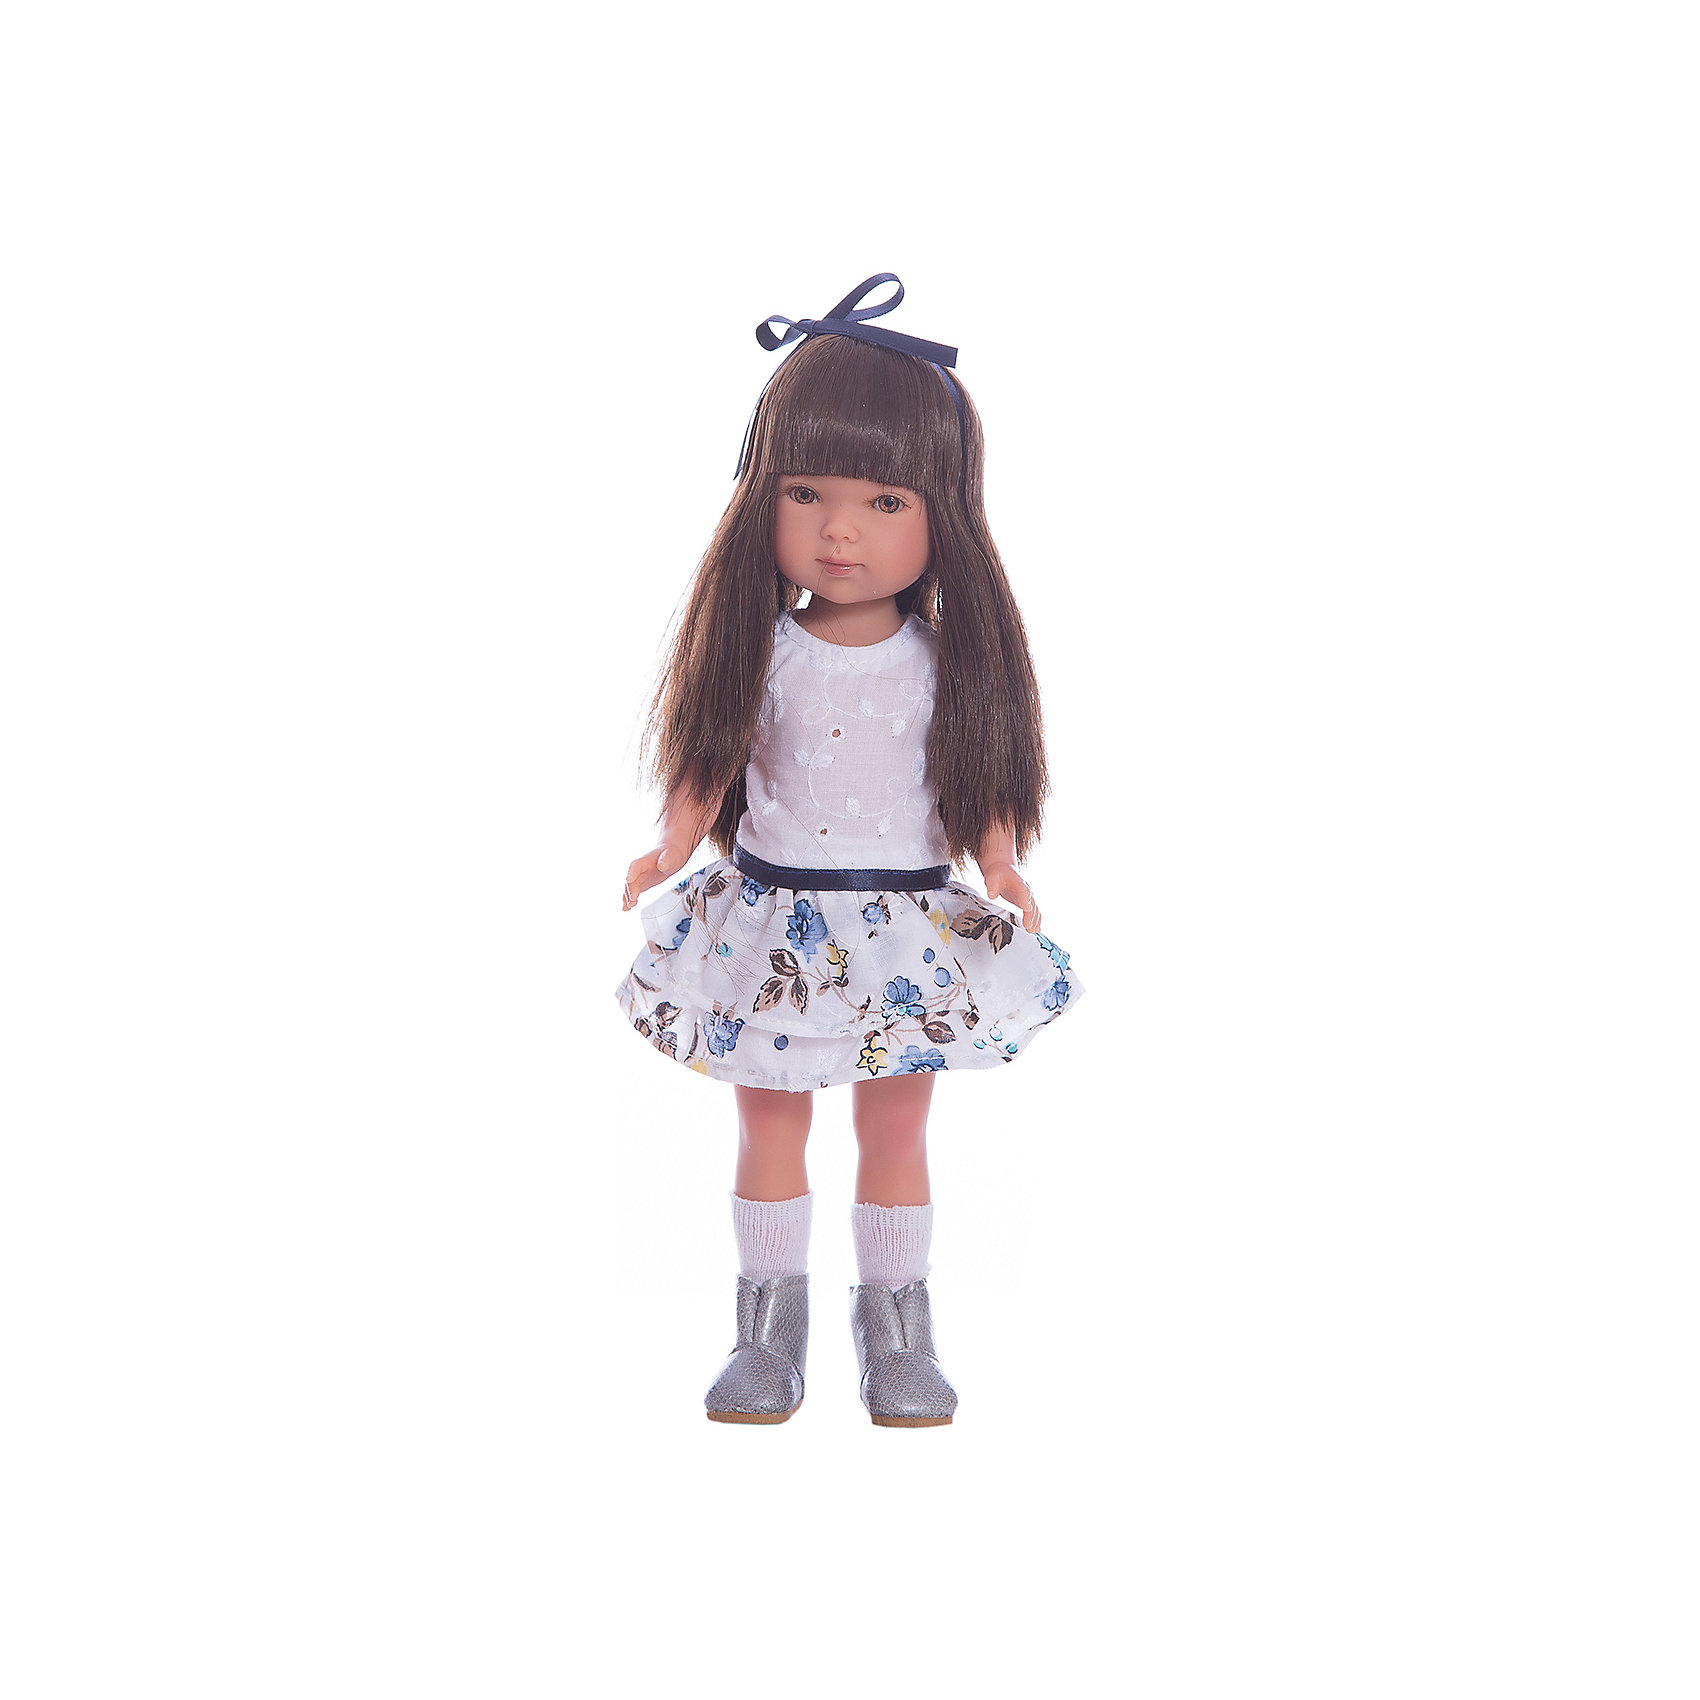 Кукла Карлотта, брюнетка с челкой, Лето Casual, Vestida de AzulКлассические куклы<br>1. Милая брюнетка Карлотта в летнем образе в популярном стиле casual: нежное платье с пышной юбкой, украшенной цветочным принтом и серебристые сапожки. Стильный внешний вид куклы поможет сформировать вкус ребенка.<br>2. Милое личико куколки никого не оставит равнодушным: пухлые щечки с румянцем, вздернутый носик и выразительные глазки с длинными ресницами, наклеенными вручную, которые выглядят как настоящие.<br>3. Длинные волосы куклы густо прошиты и напоминают натуральные. Челка прошита отдельно, а значит всегда будет красиво уложенной.  <br>4. Кукла высоко детализирована: очень четко очерченные пальчики, складочки, румянец на щечках, коленках и локтях.<br>5. Кукла изготовлена из плотного гипоаллергенного винила без ароматизаторов, и умеет стоять без поддержи.<br>6. Подвижные руки, ноги и голова для незабываемой реалистичной игры.<br>7. Рост куклы - 28 см.<br><br>Ширина мм: 195<br>Глубина мм: 95<br>Высота мм: 350<br>Вес г: 380<br>Возраст от месяцев: 36<br>Возраст до месяцев: 2147483647<br>Пол: Женский<br>Возраст: Детский<br>SKU: 6844333